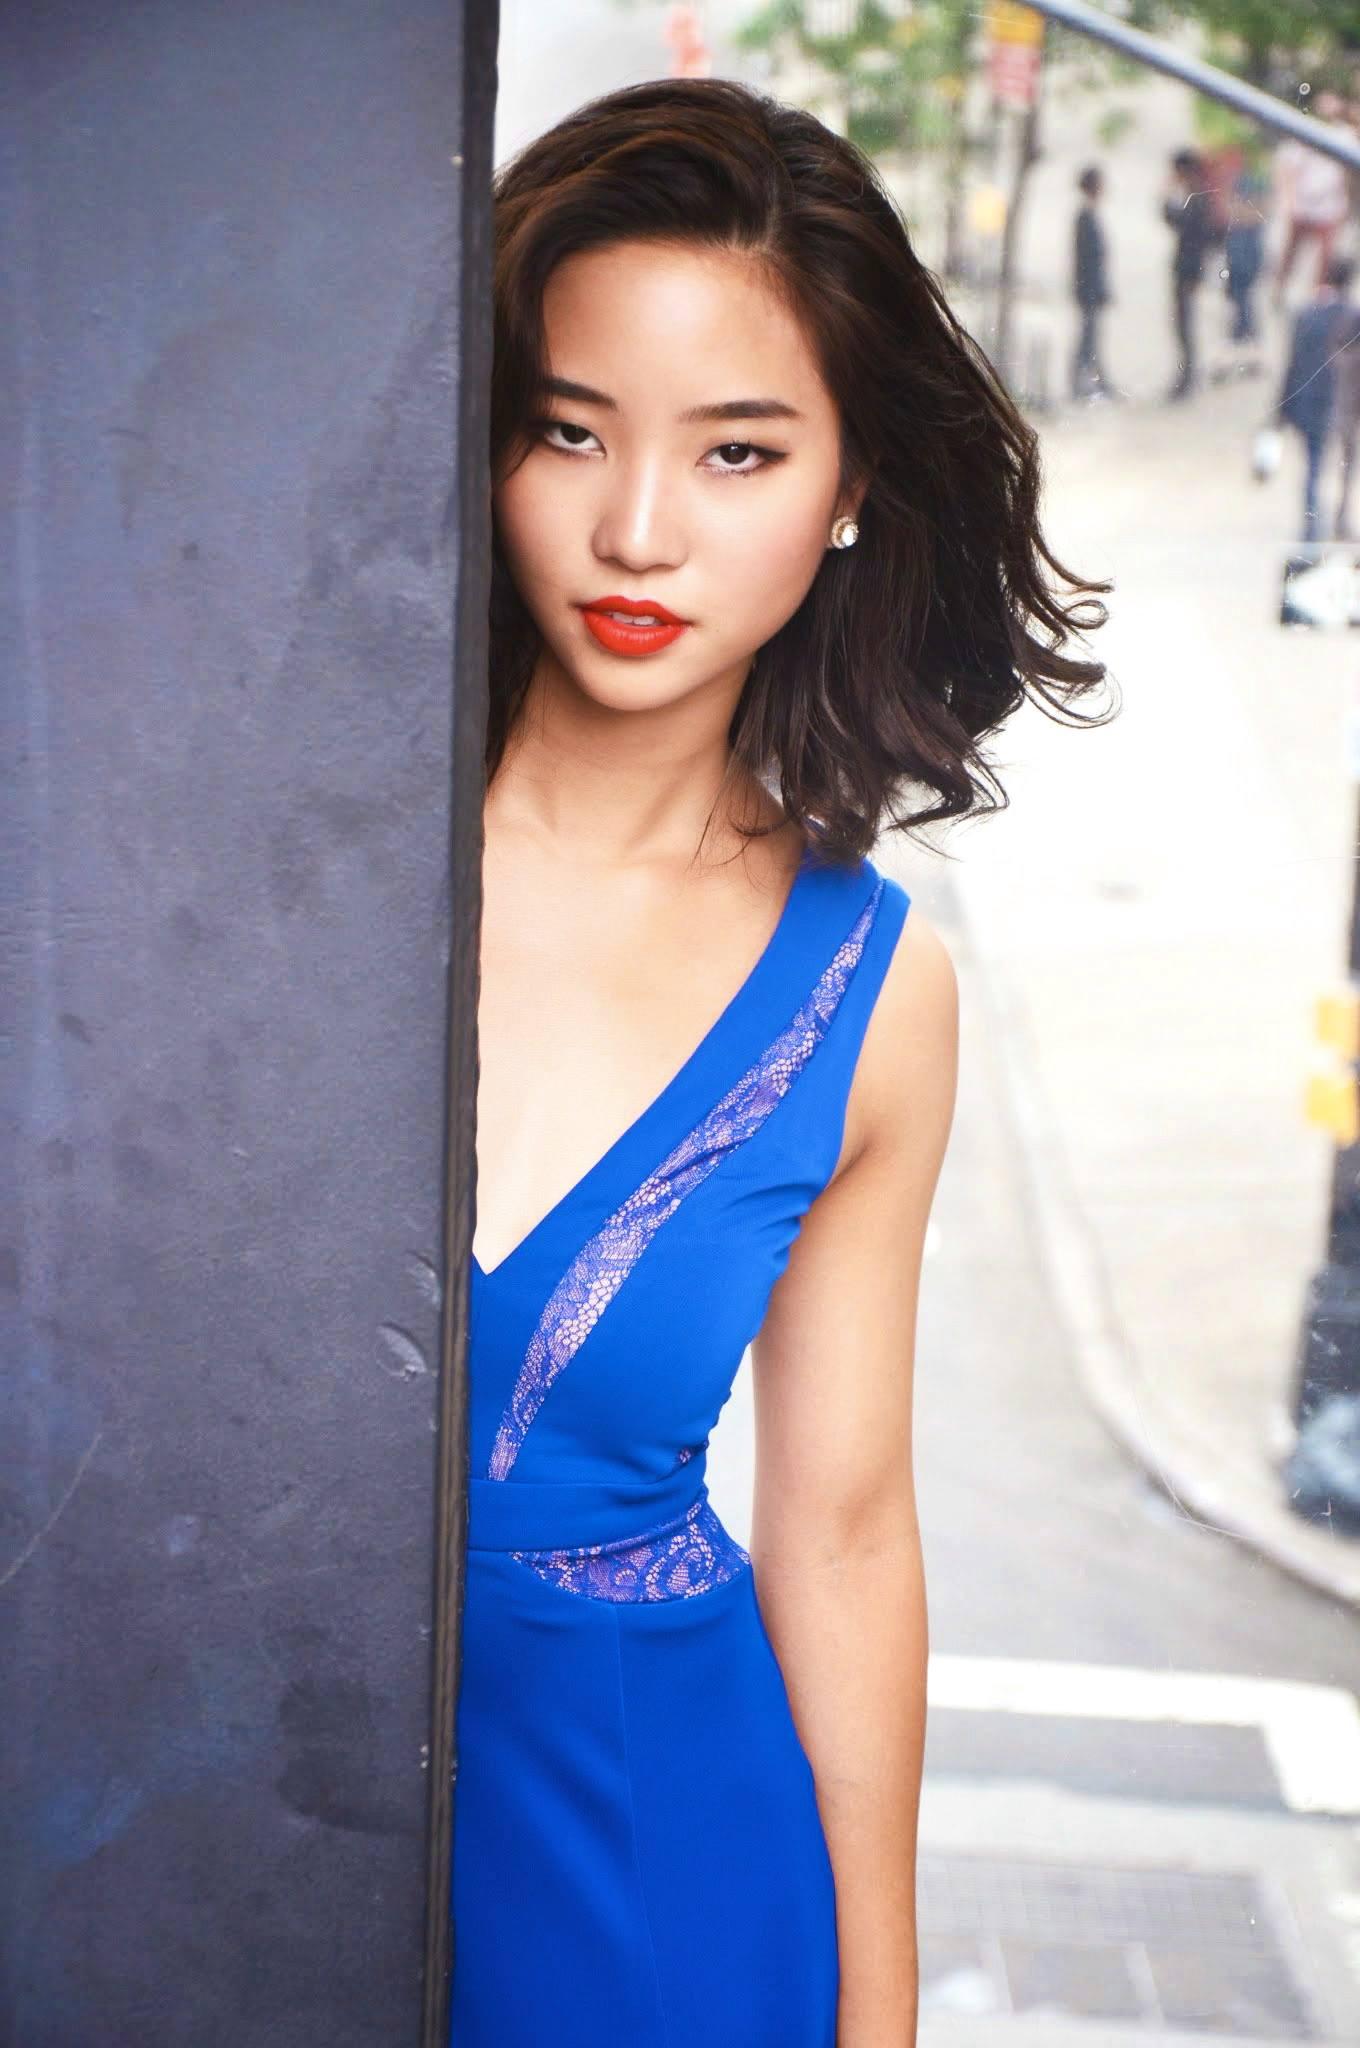 blue_dress2.jpg